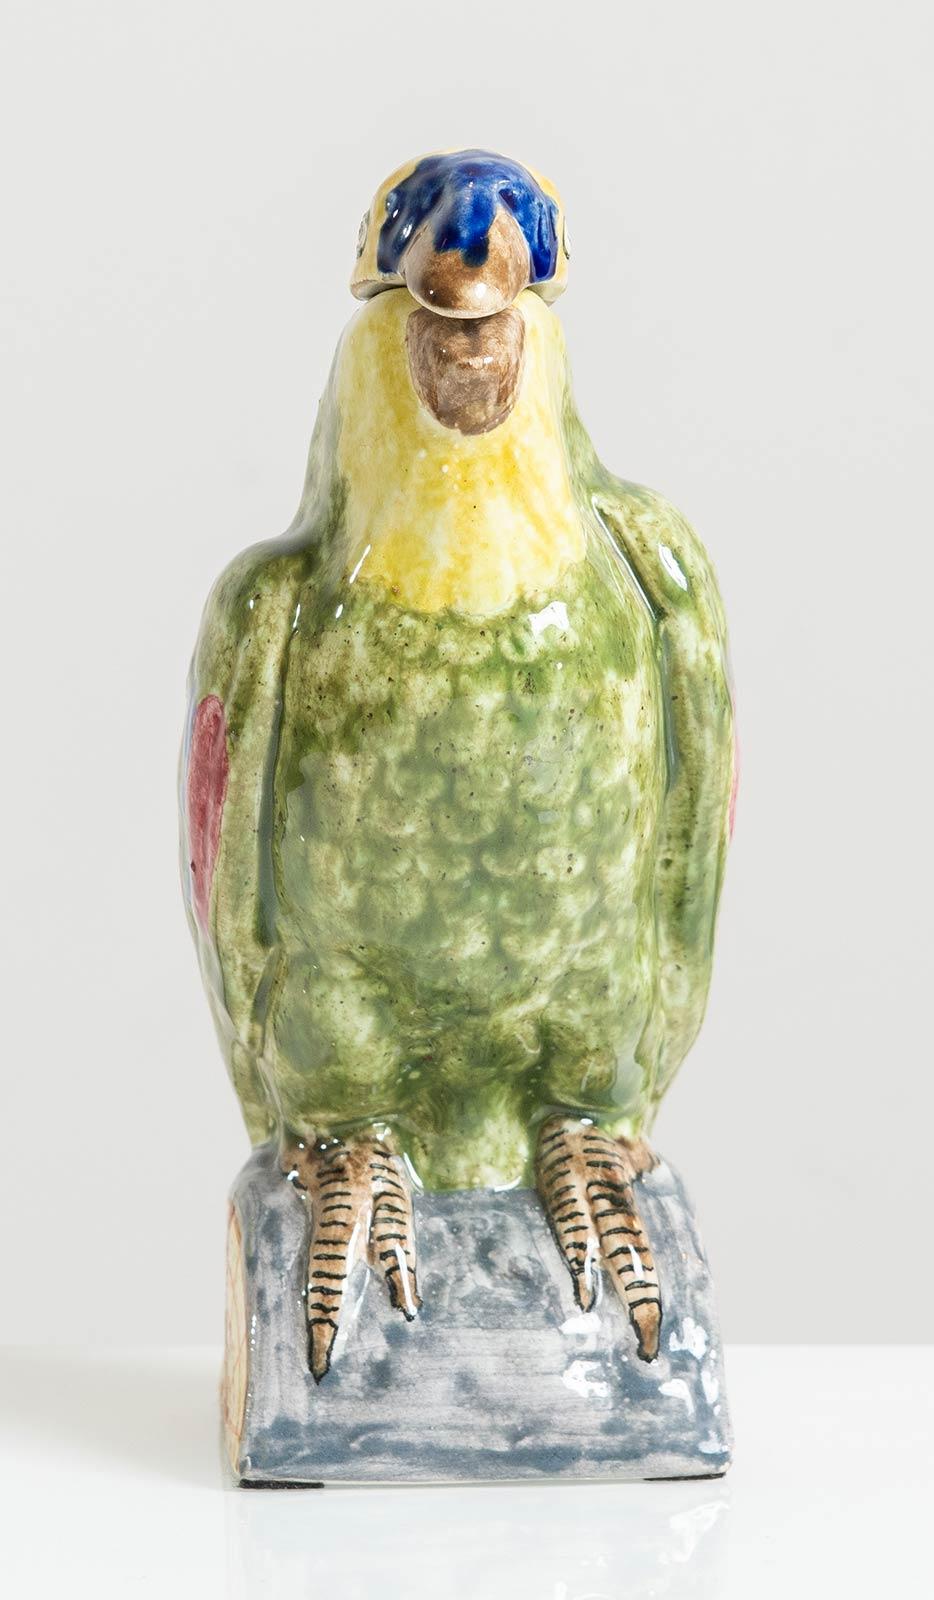 Manifattura Minghetti - Bologna, Versatoio a foggia di pappagallo in ceramica, Anni '30. - Image 2 of 5